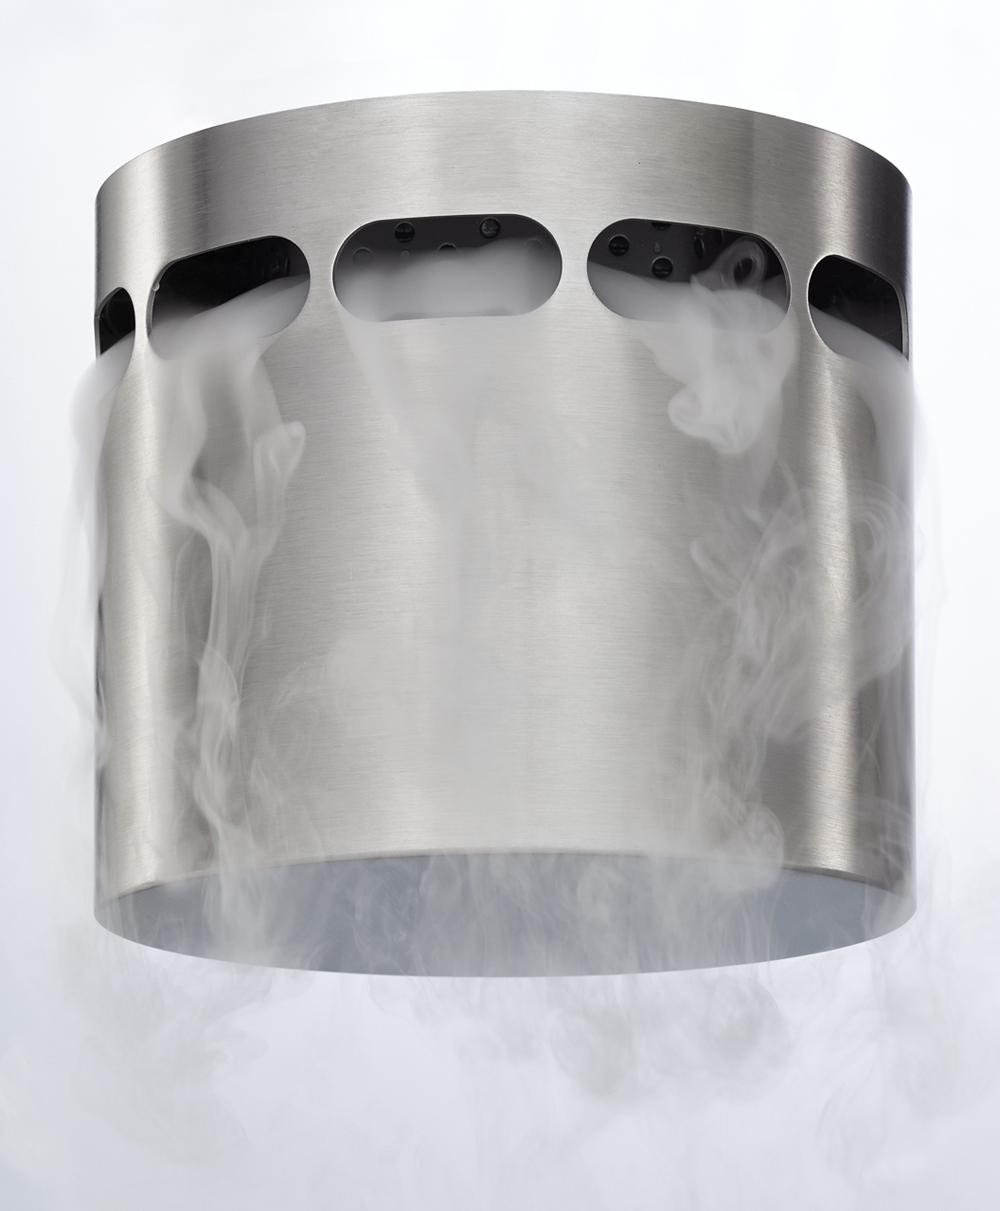 therasol sole ultraschall vernebler salz inhalationsger t 990 f r sauna kabine ebay. Black Bedroom Furniture Sets. Home Design Ideas